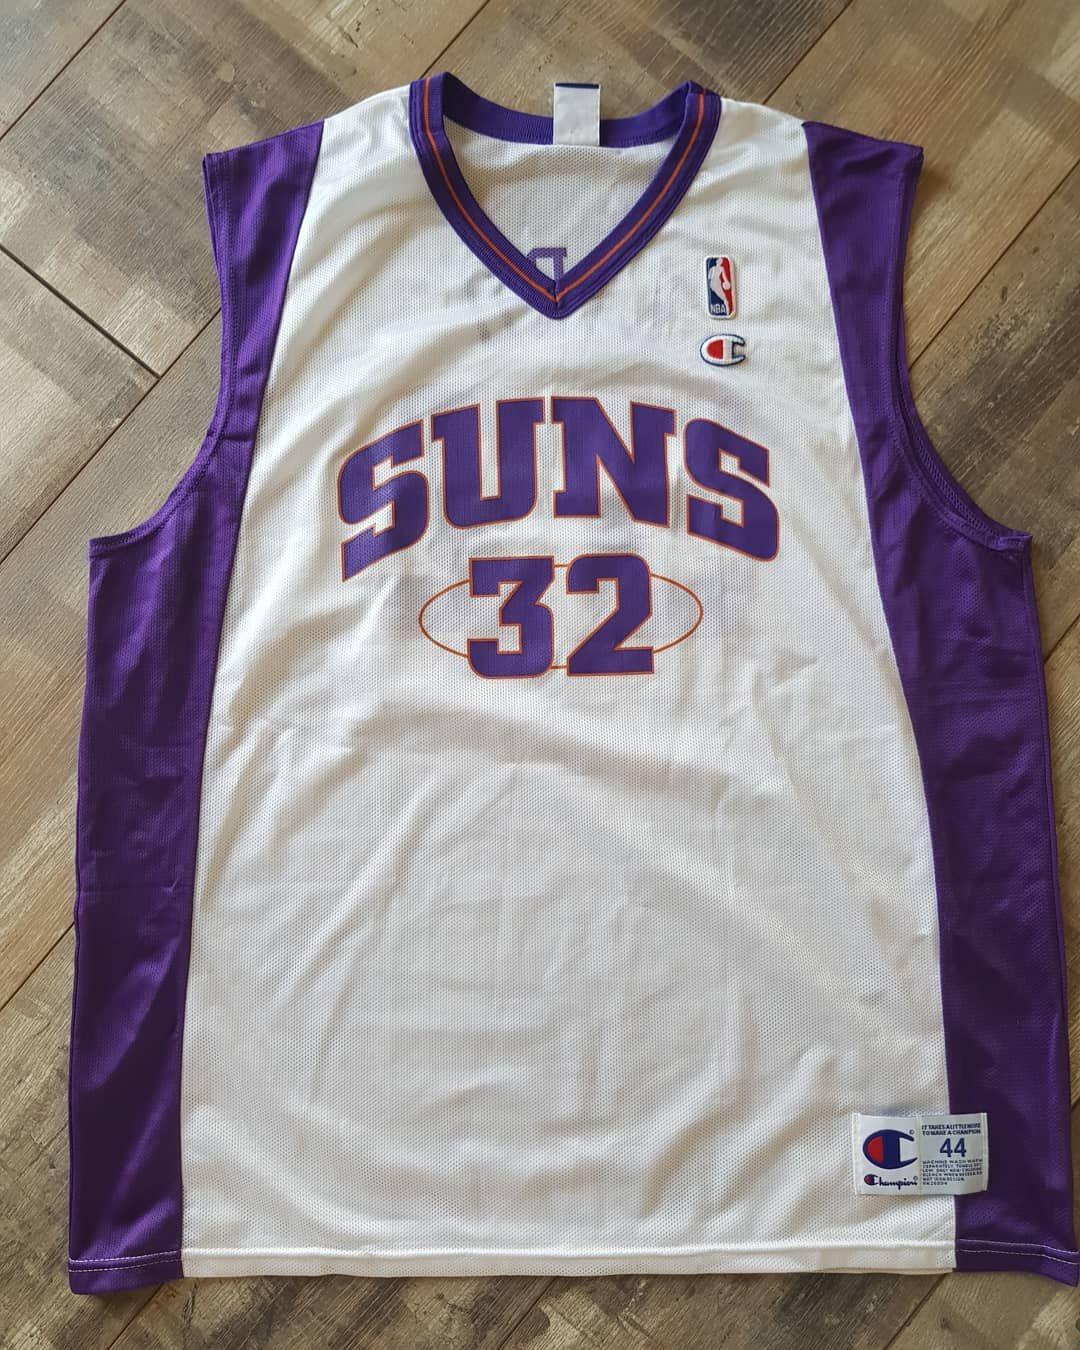 Jason kidd pheonix suns jersey size large open to offers